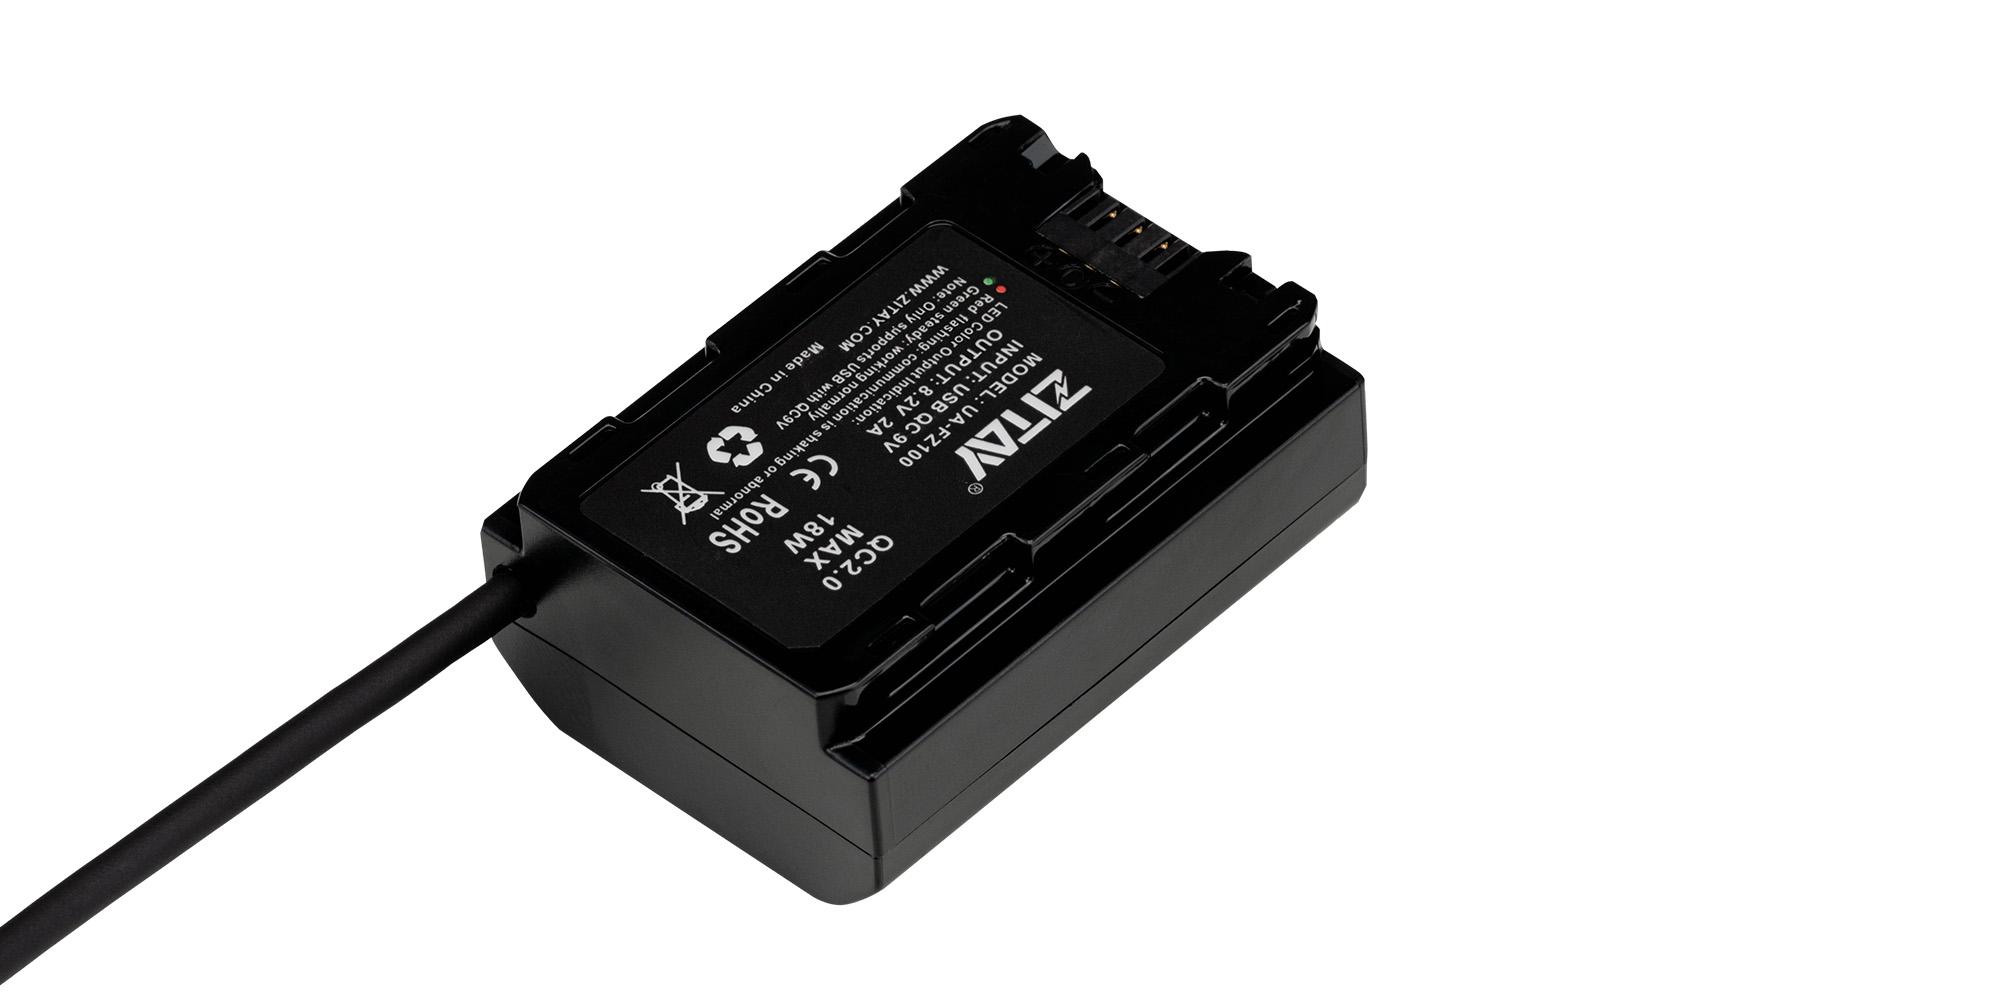 Adapter zasilania Zitay USB do NP-FZ100 - Kontrola prawidłowego zasilania